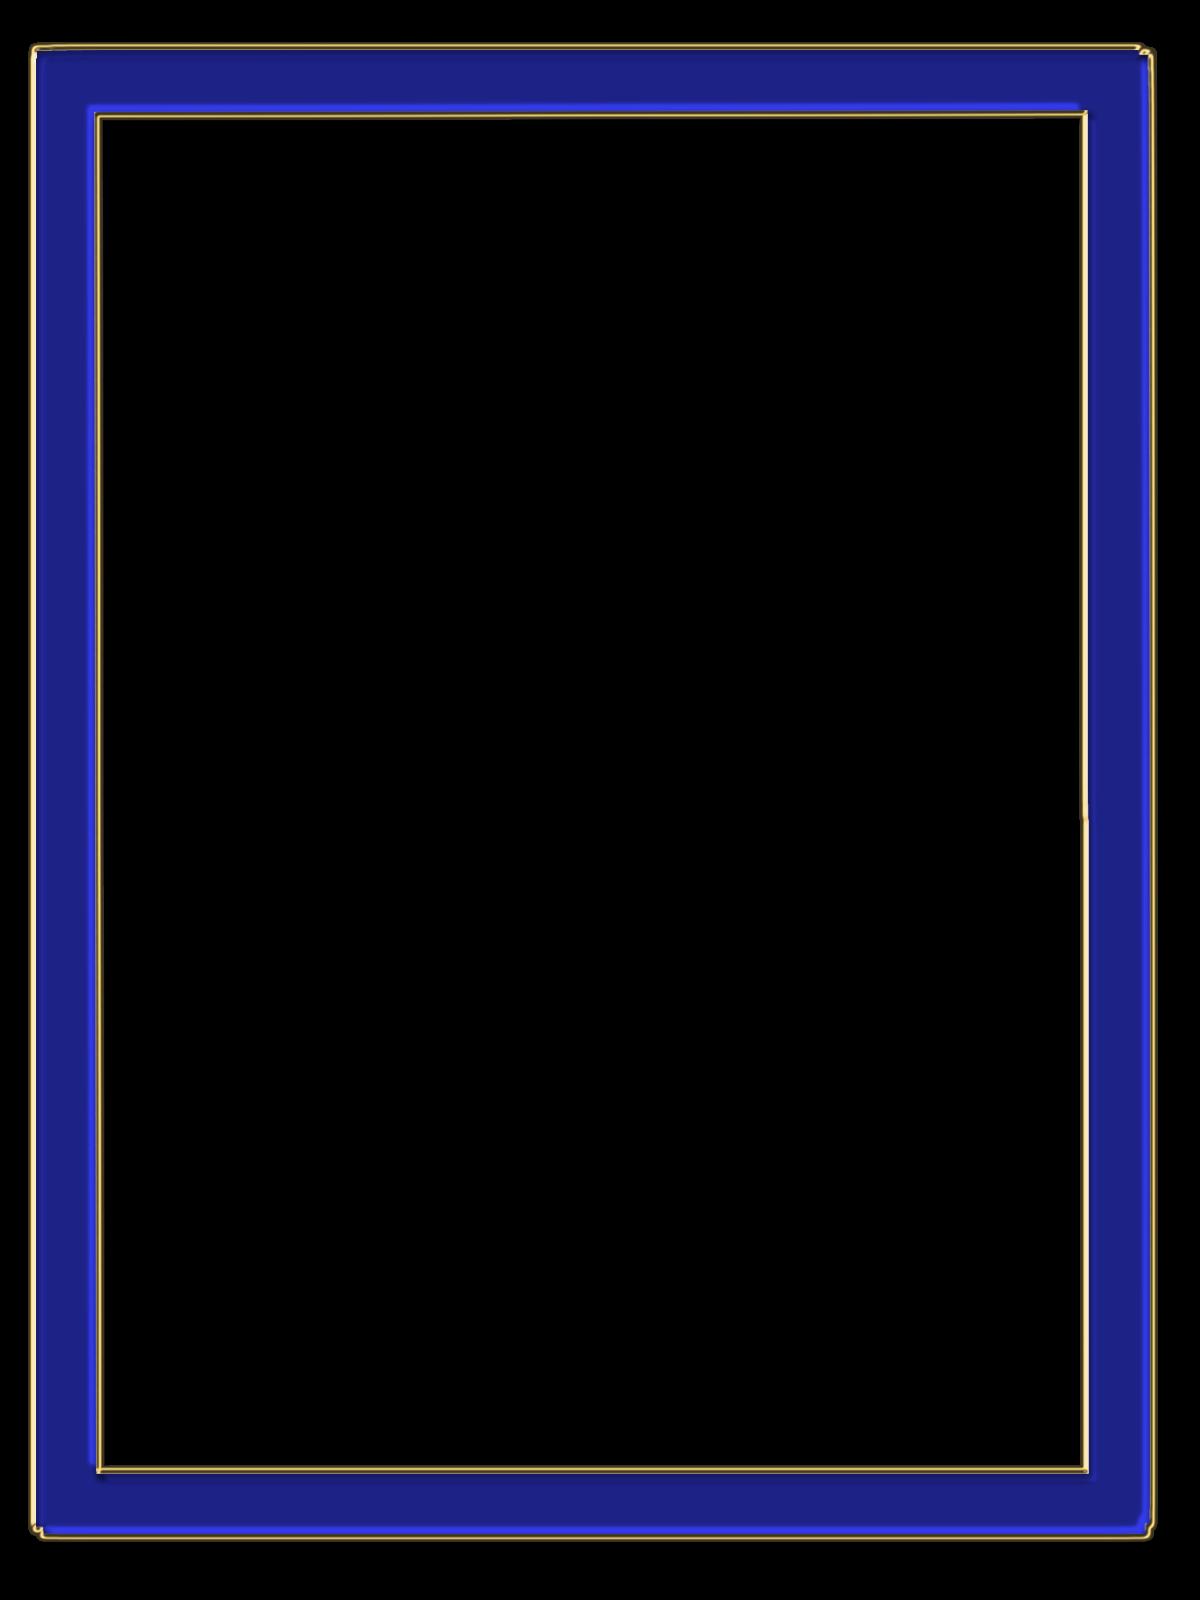 Bordas Png fundo transparente | Imagens Png fundo transparente grátis